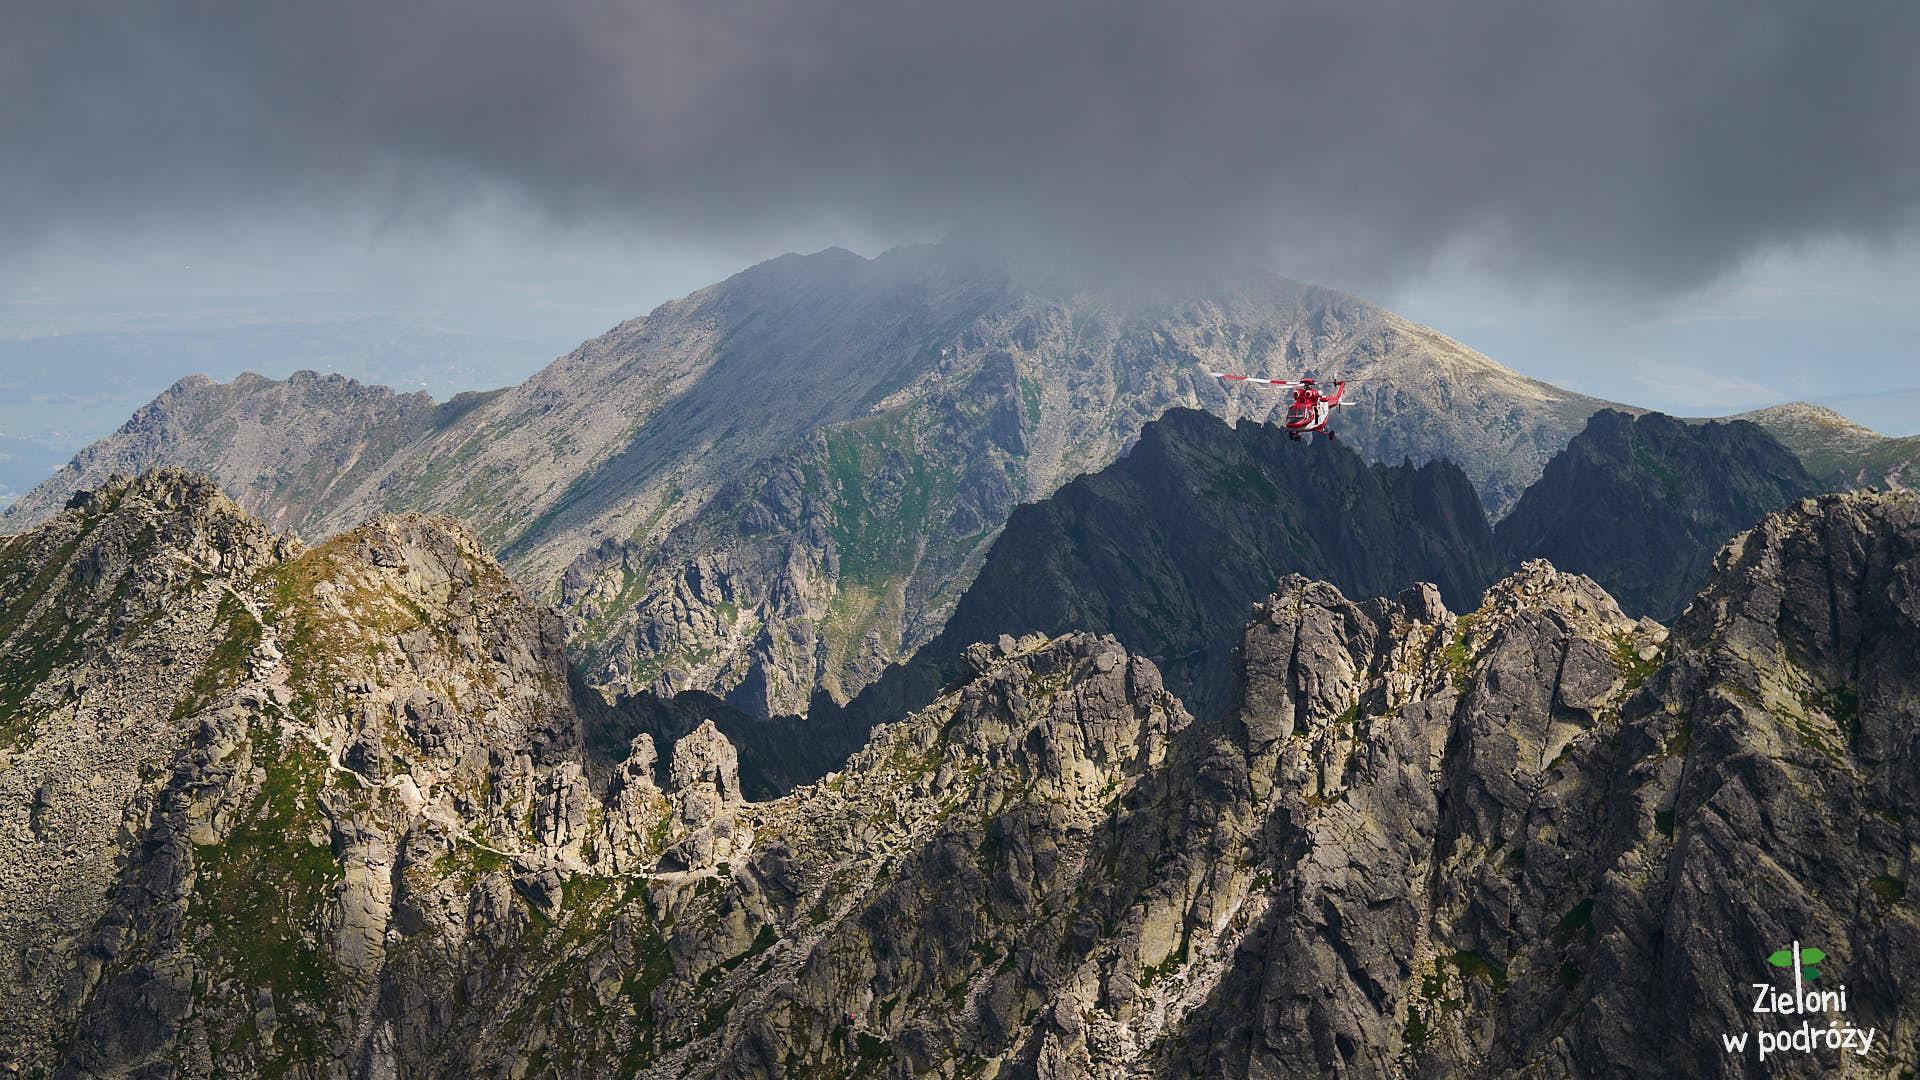 Ratownicy Topr nad Orlą Percią. Po lewej Granaty